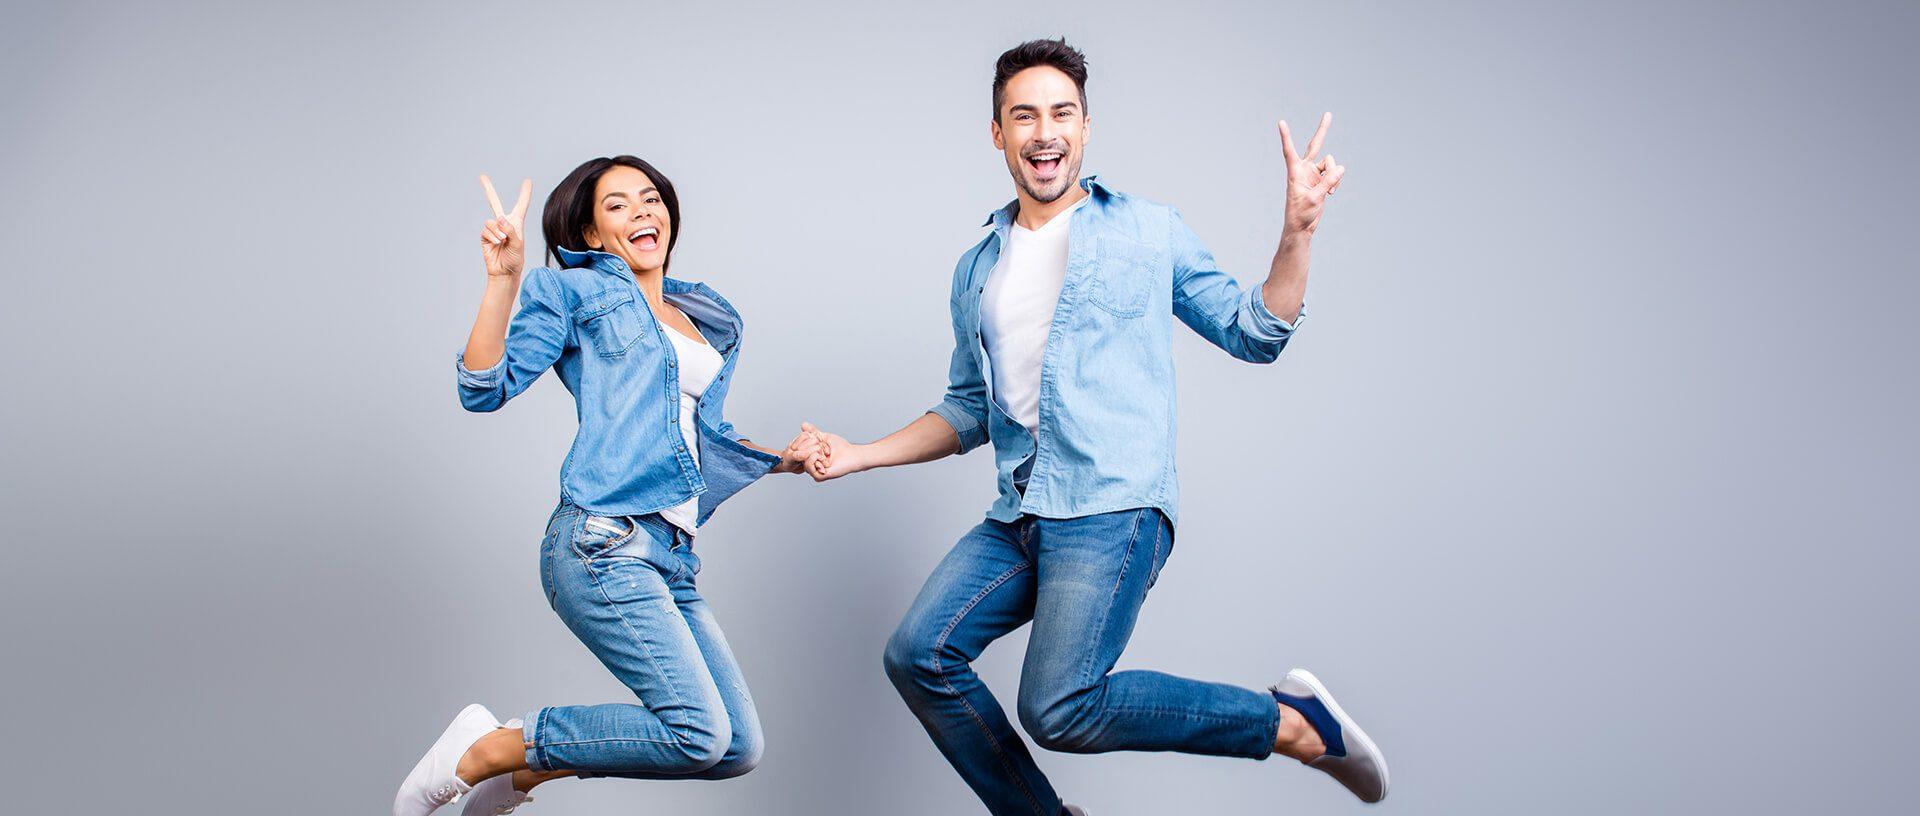 Jeans-Kollektion